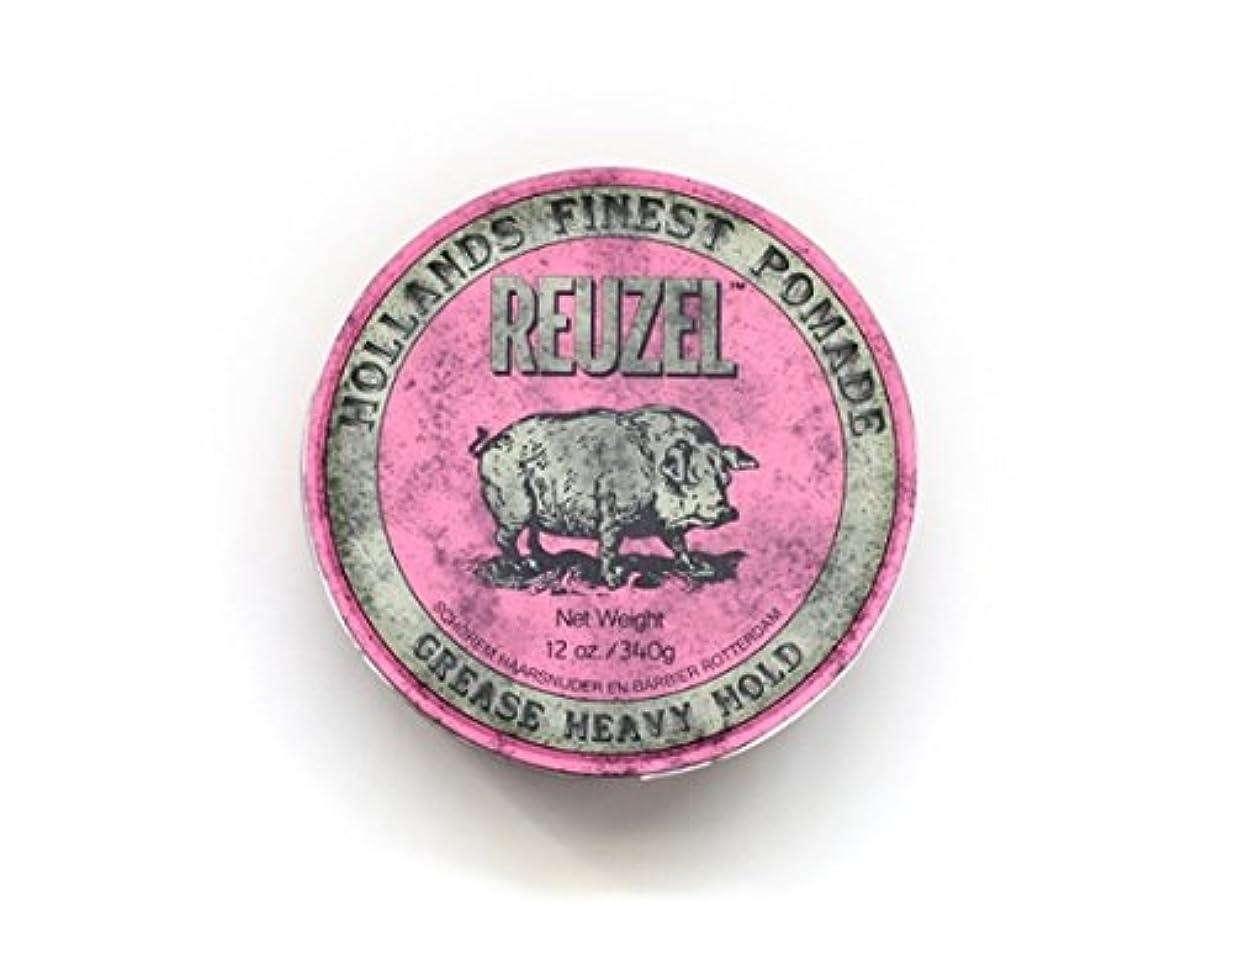 子羊まで僕のルーゾー ポマード ヘビーホールド 油性 【ピンク】340g  REUZEL ルーゾーポマード